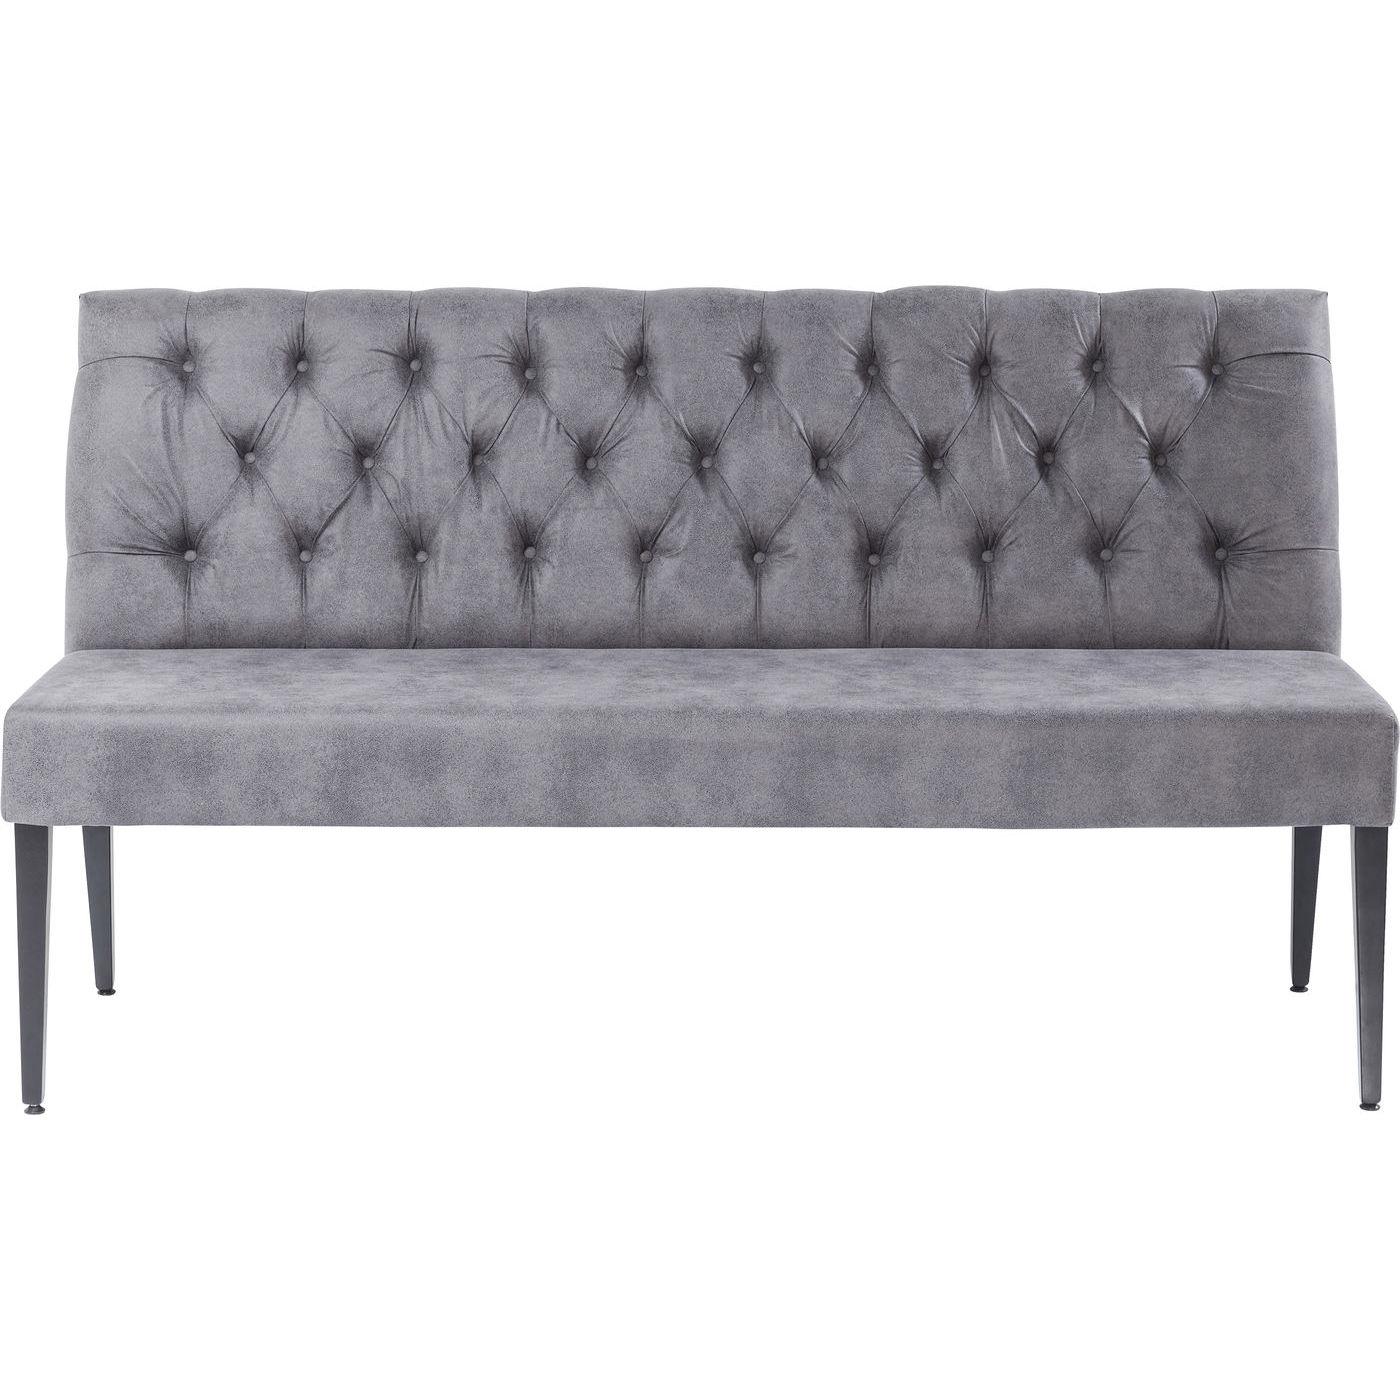 kare design – Kare design vintage grey bænk - grå stof, m. ryglæn, polstret fra boboonline.dk